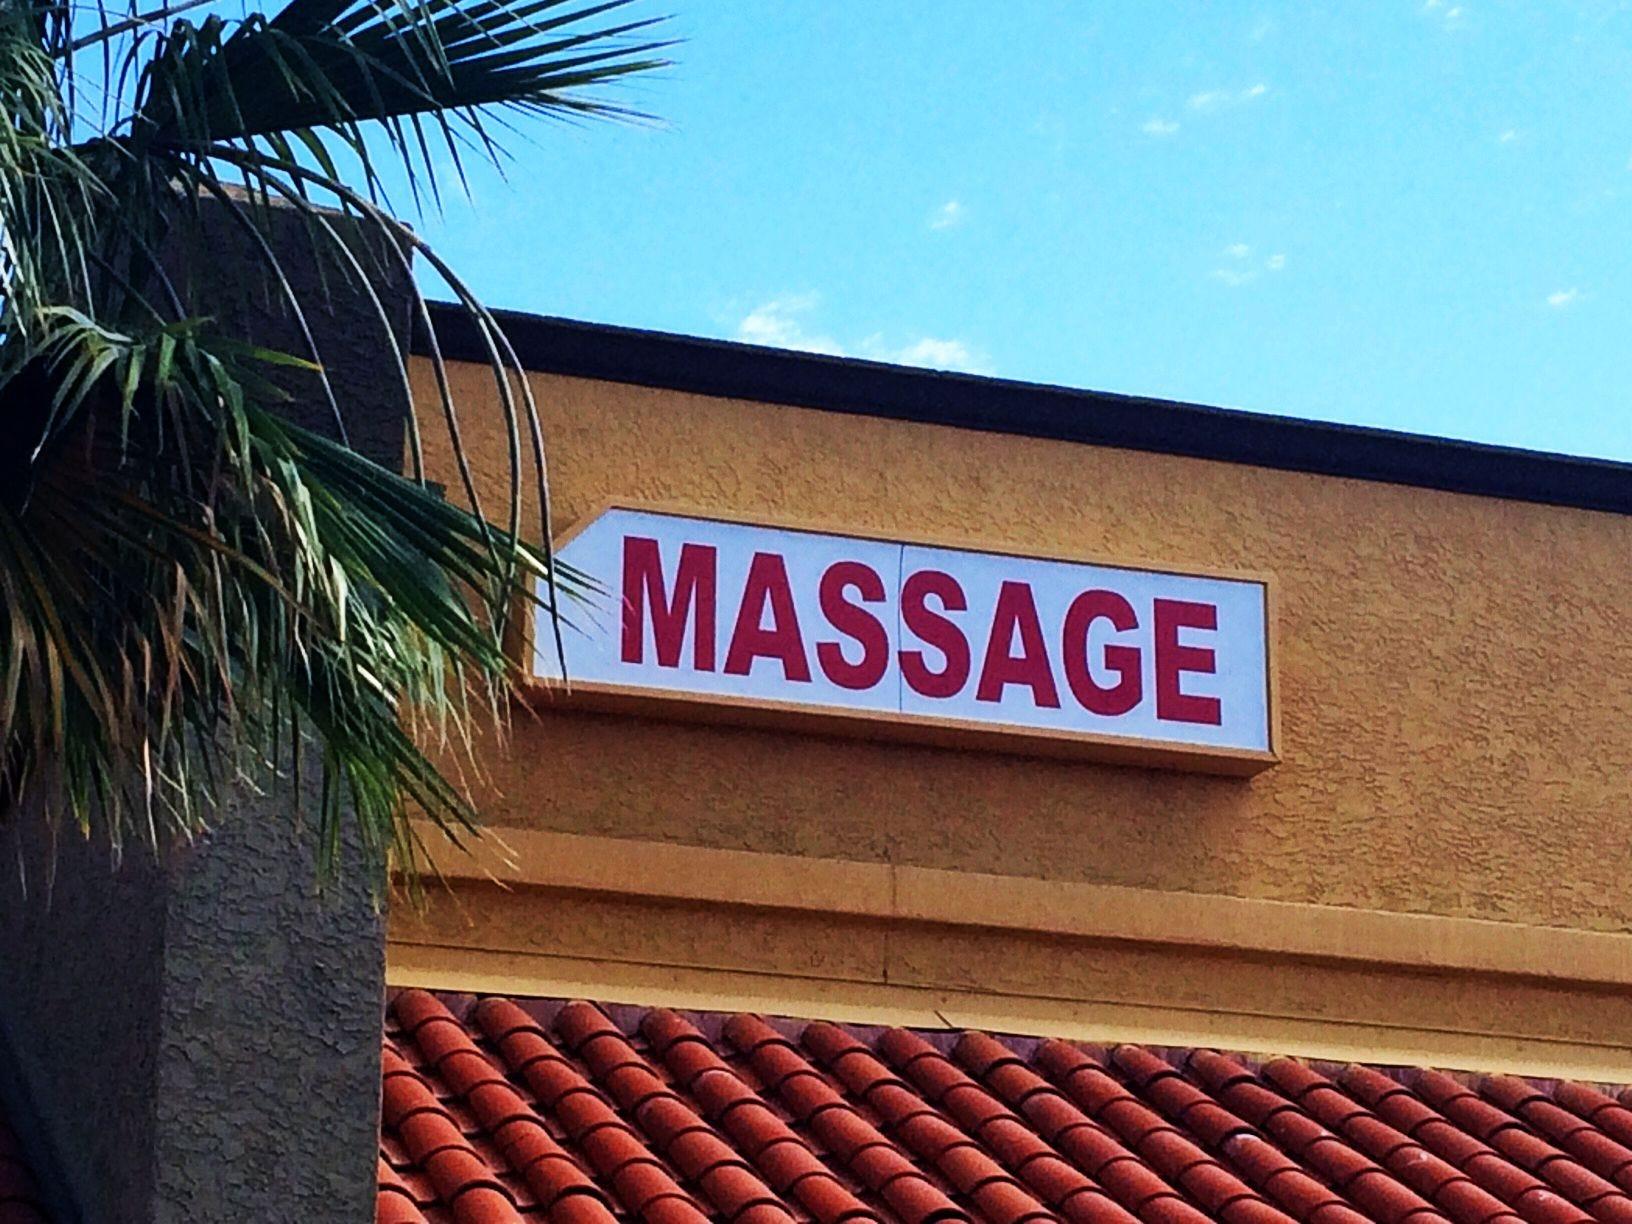 Asian massage parlor mesa arizona photos 421